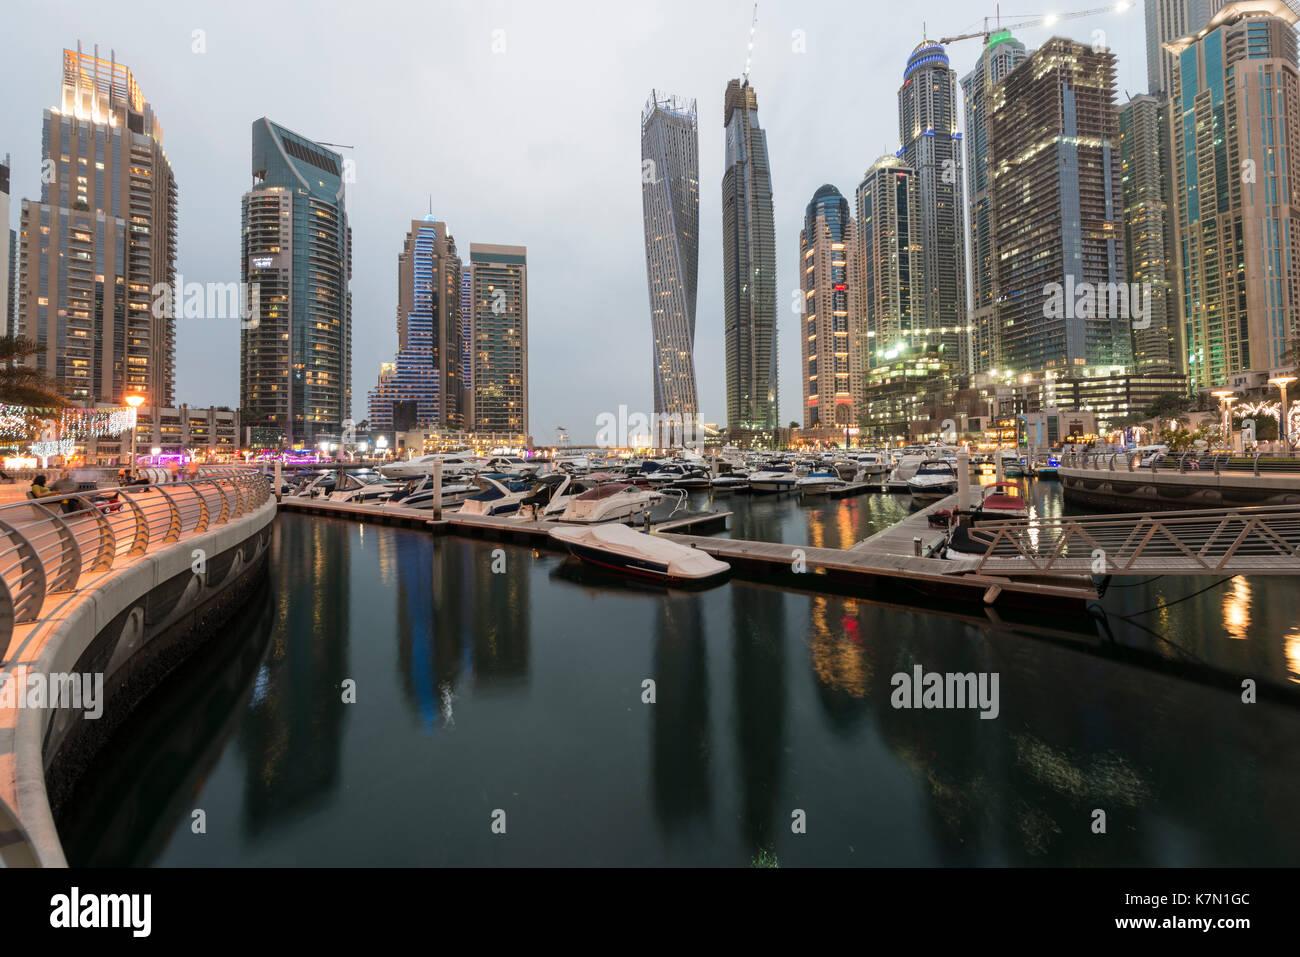 Marina, gratte-ciel au crépuscule, la marina de Dubaï, Dubaï, Émirats arabes unis Photo Stock